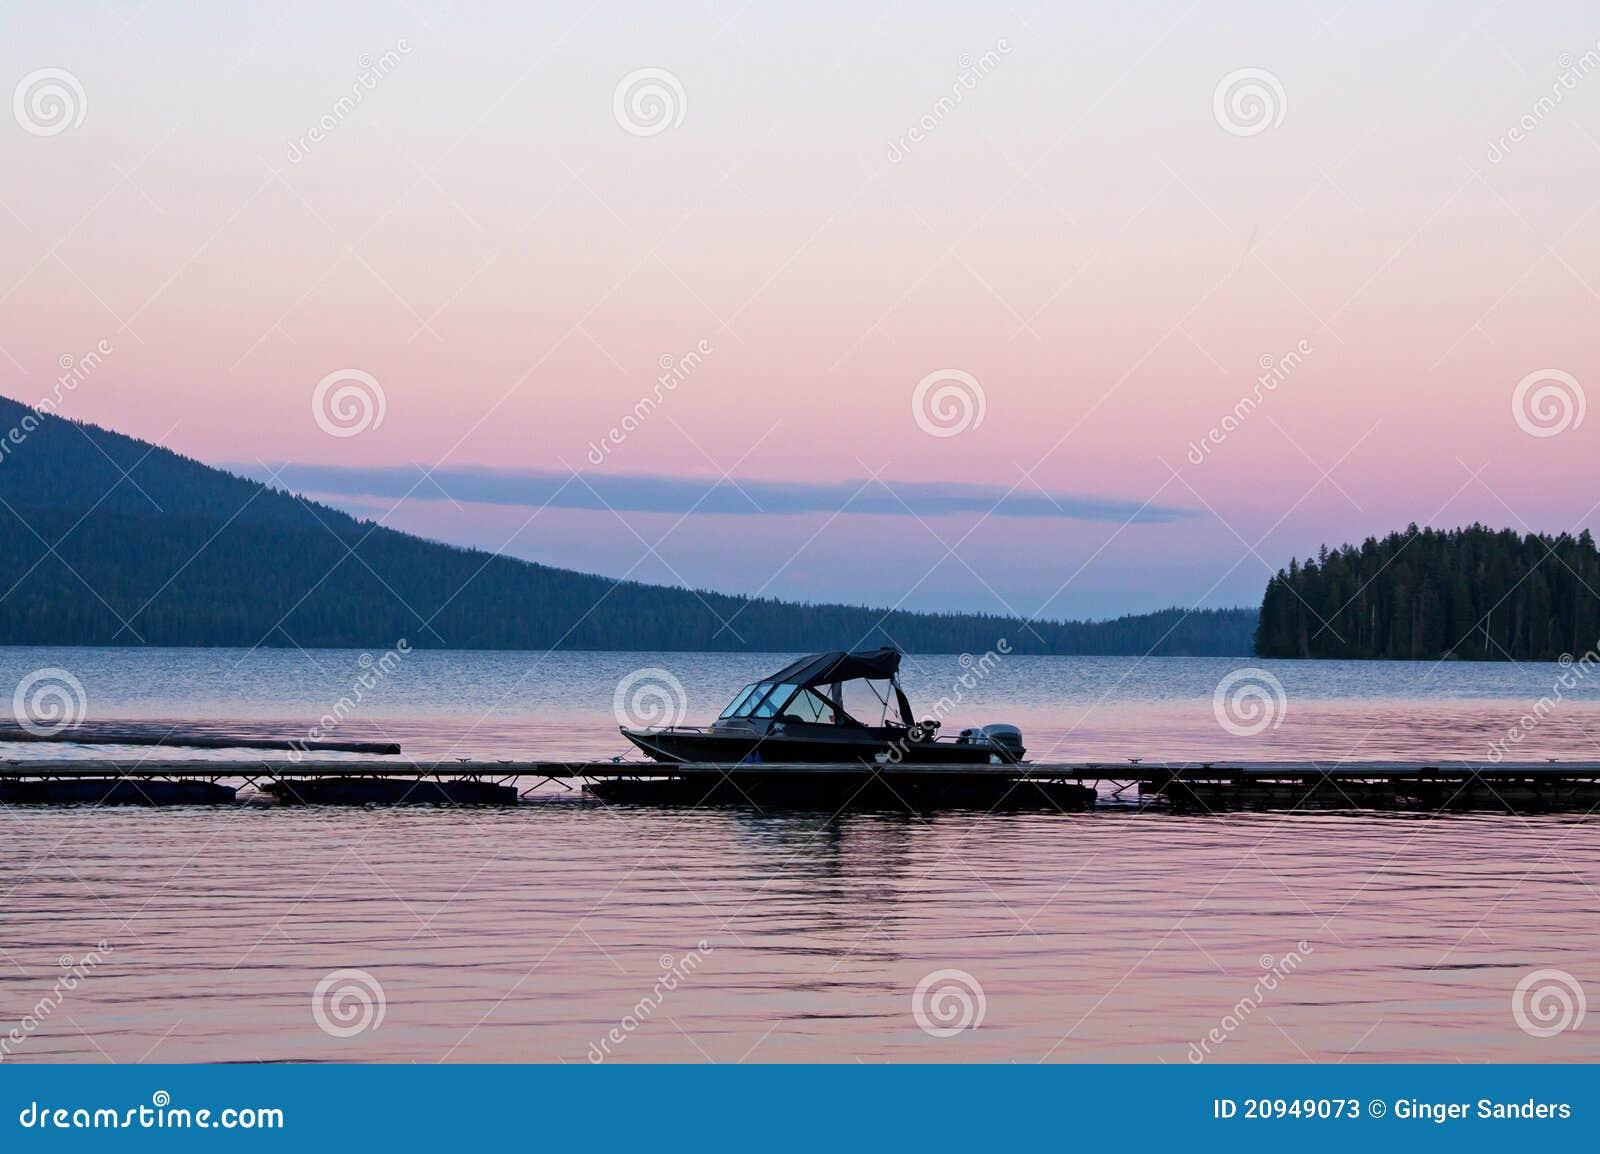 Twilight Boat On Lake